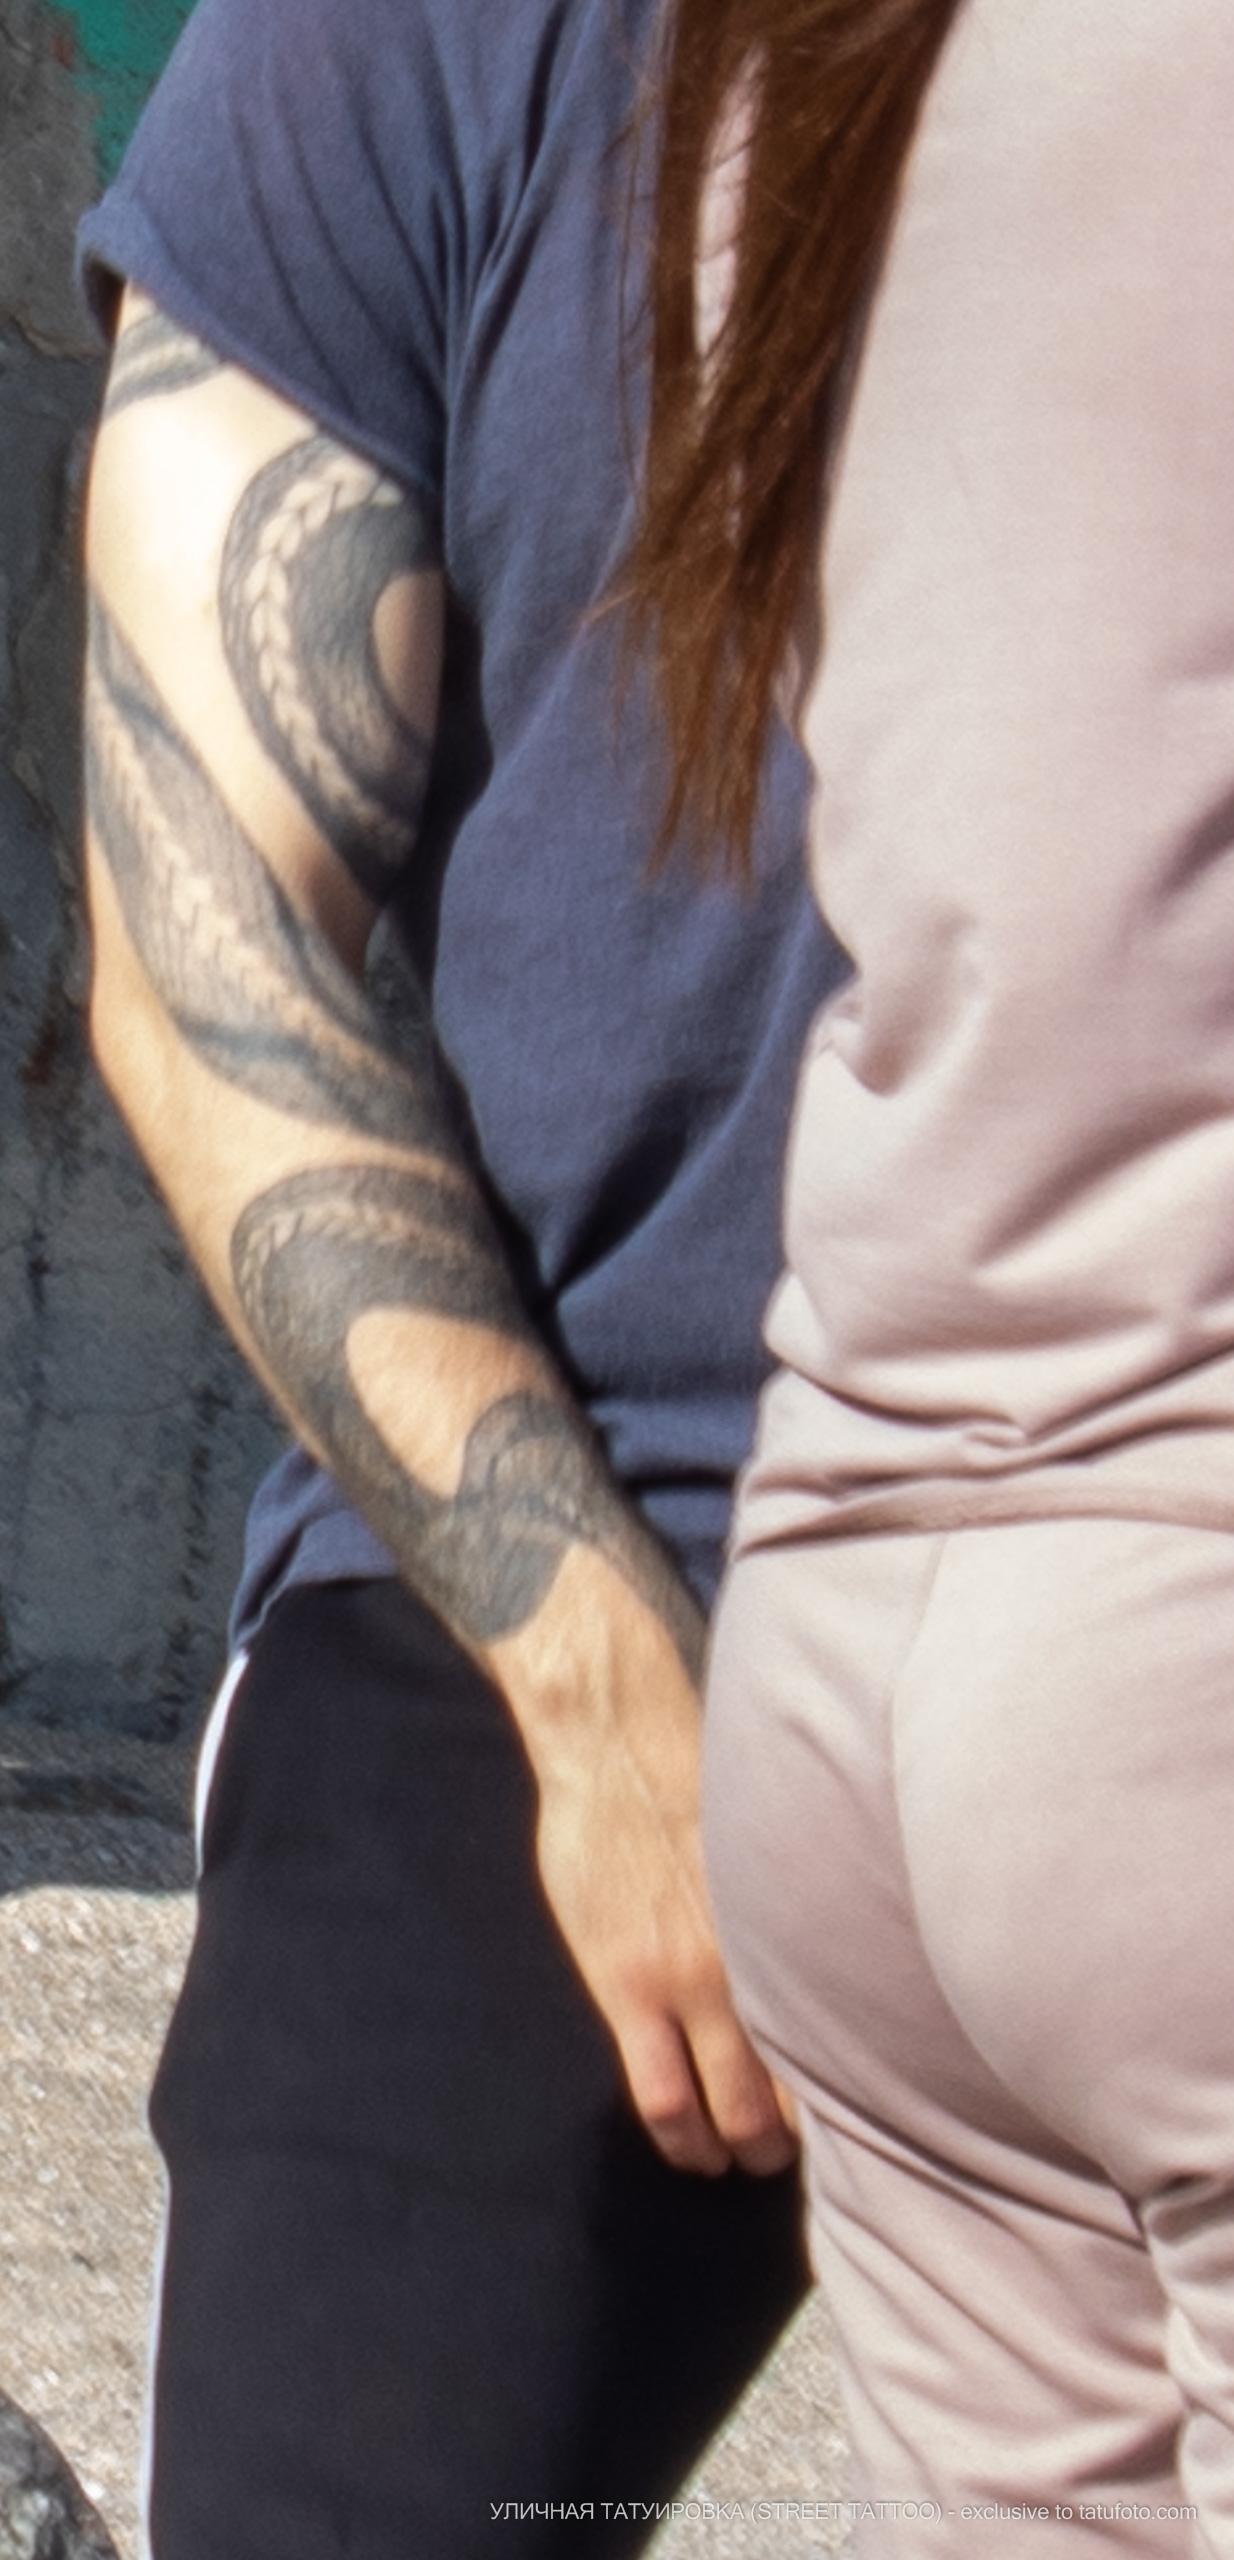 Татуировка со змеей на левой руке парня – 09.05.2020 - Уличная татуировка (Street tattoo) – tatufoto.com 3